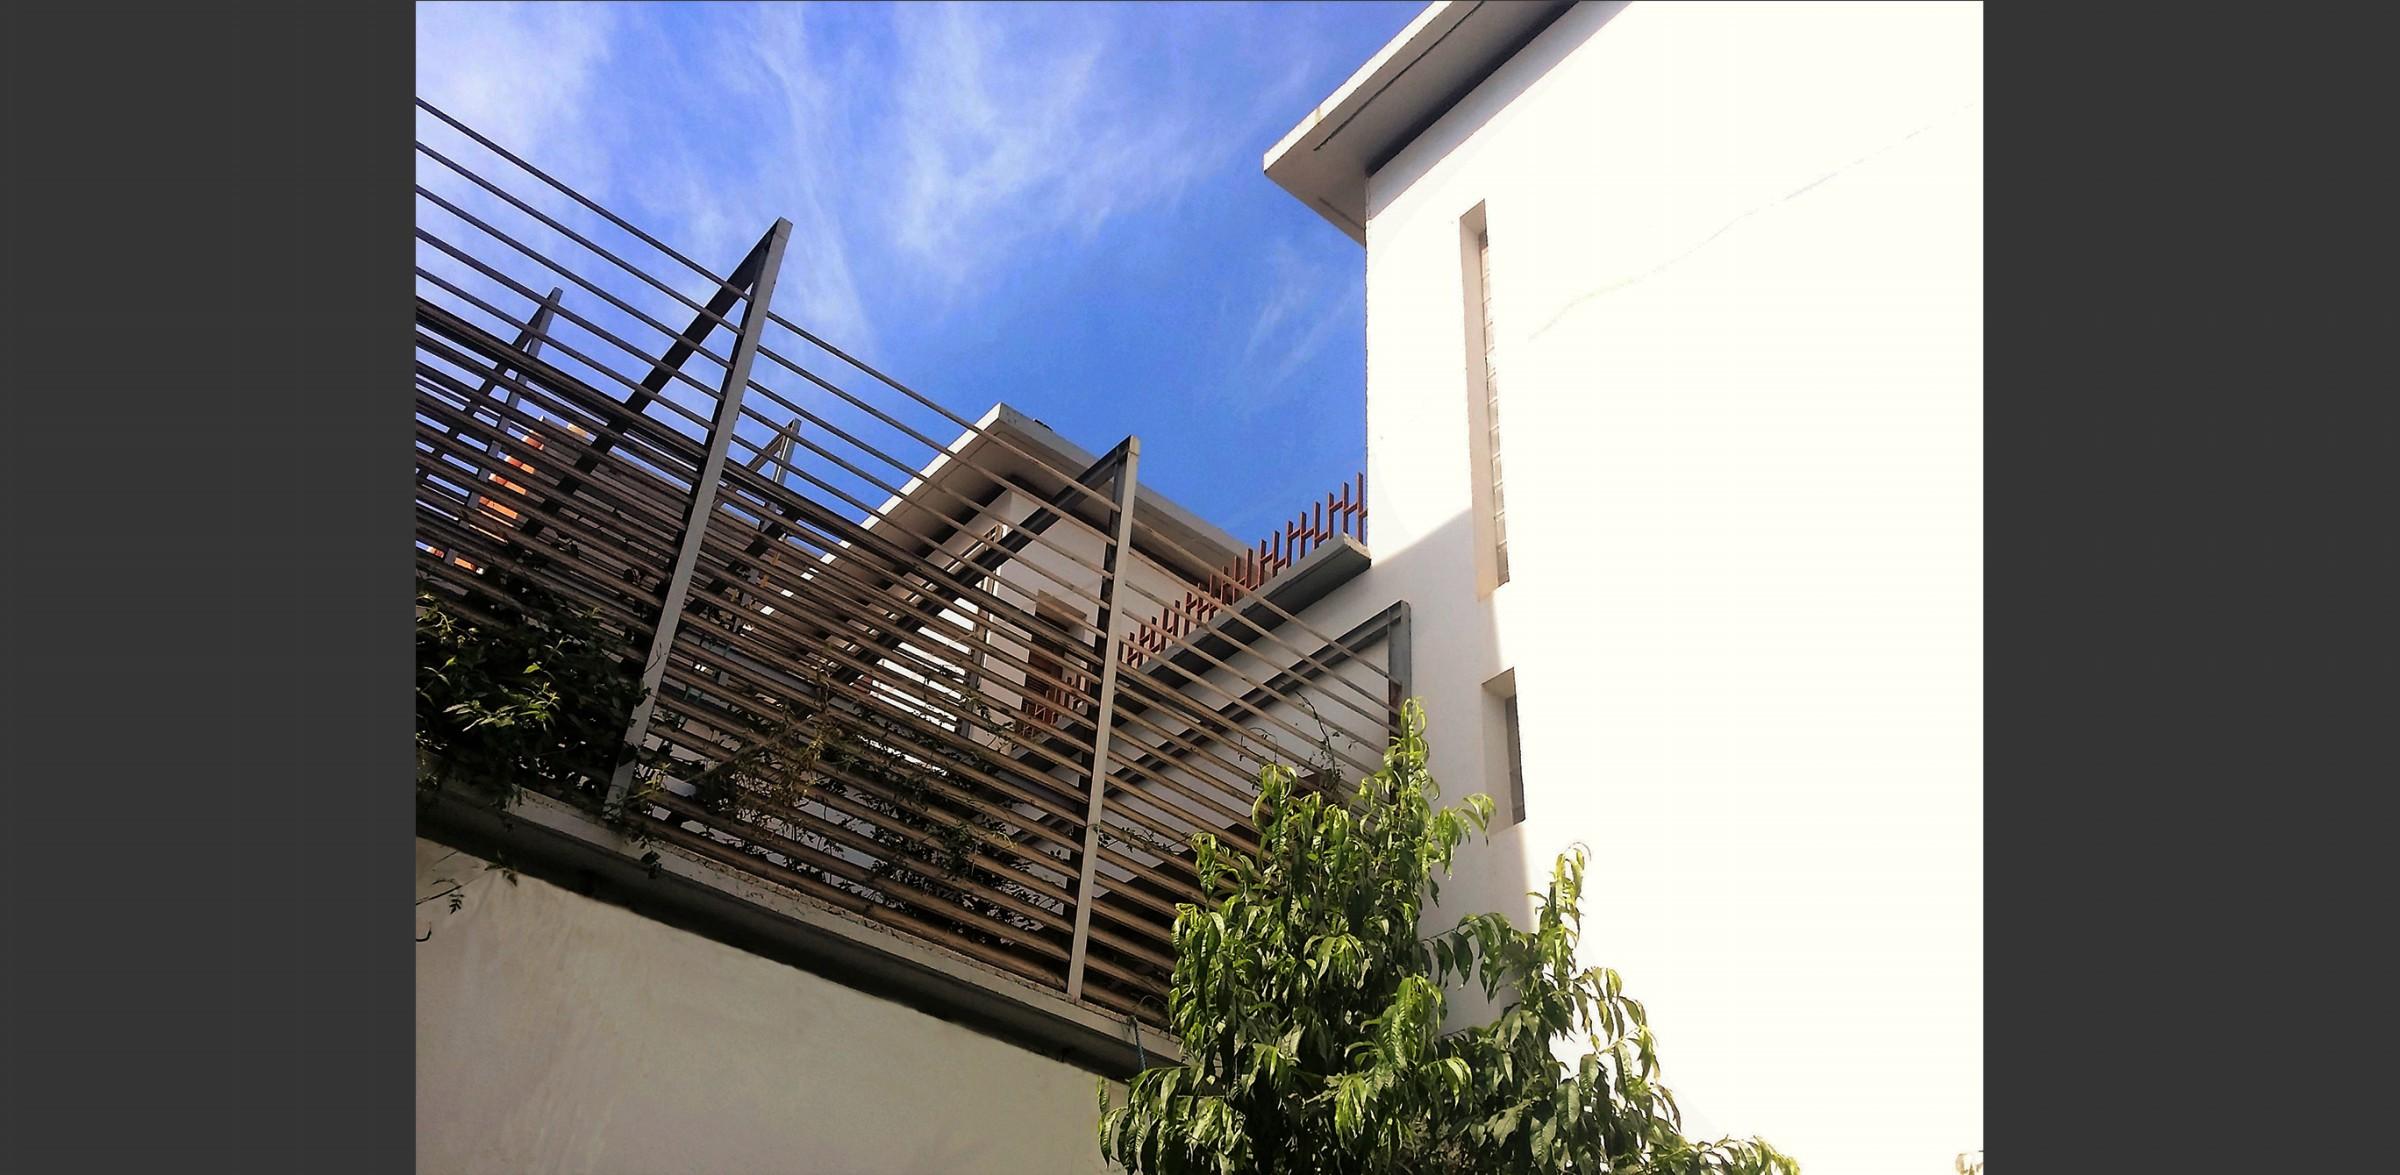 Patio Maison à quatre patios, Atelier Messaoudi architecture aménagement et design. Bureau d'étude Algérie.